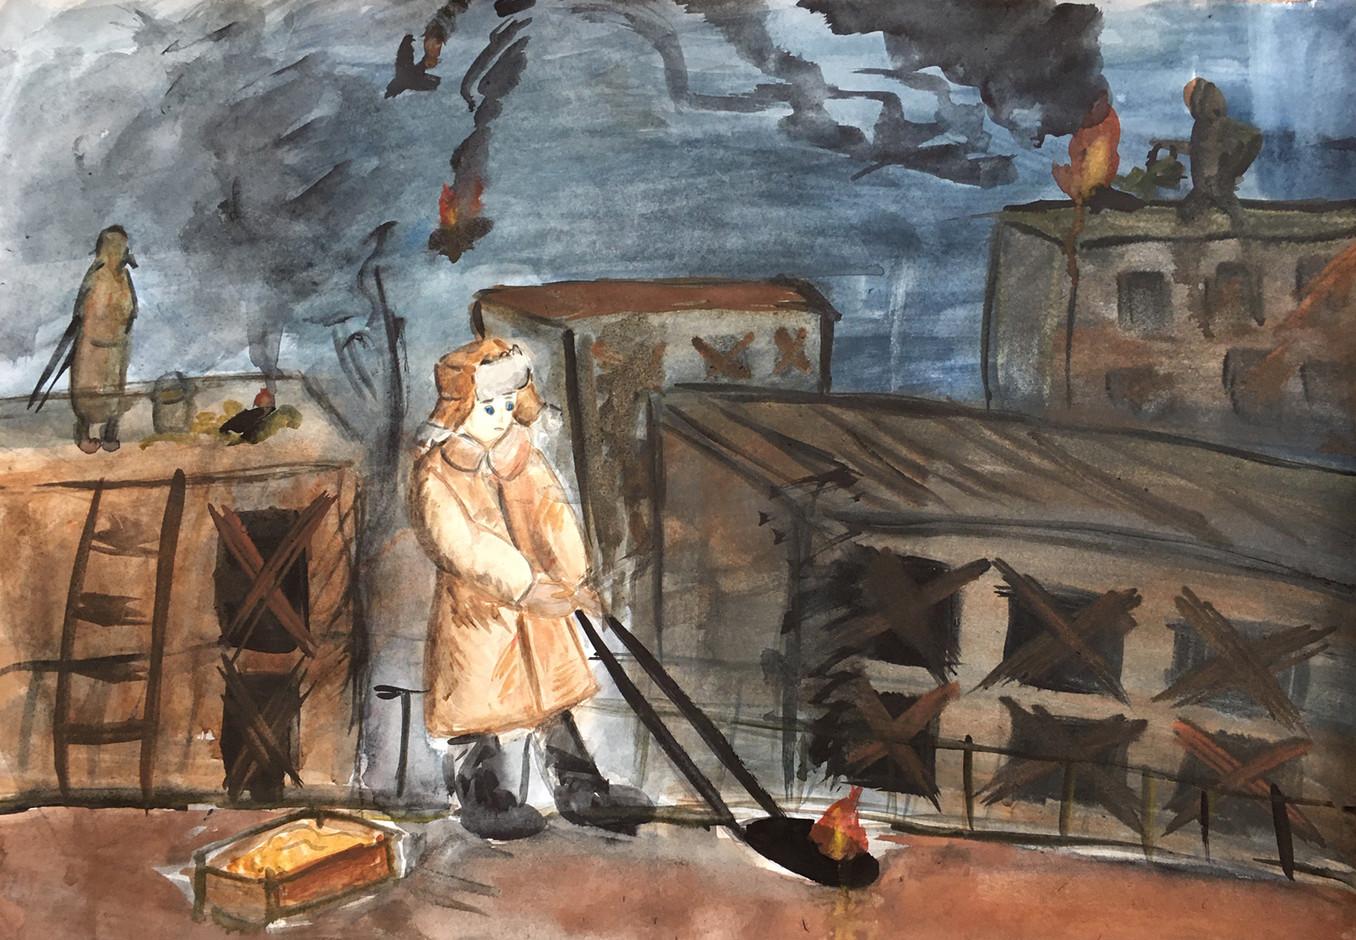 Юлия Дикан 12 лет, Ночное дежурство на крыше. Преподаватель Ремишевский В.Б.